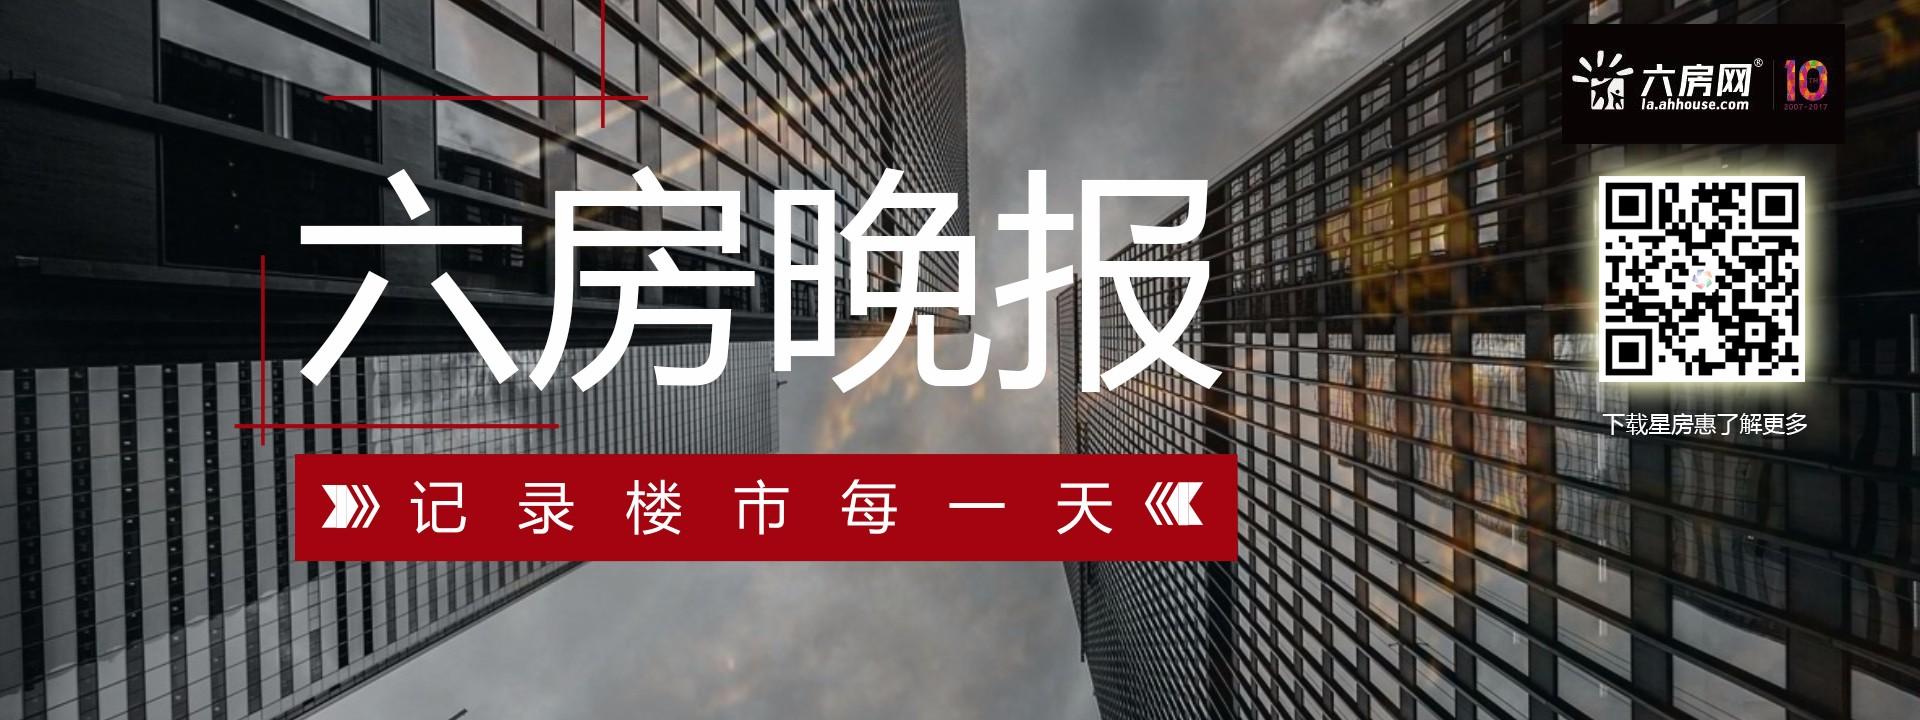 8月23日六房网晚报: 六安商业逐步铺设